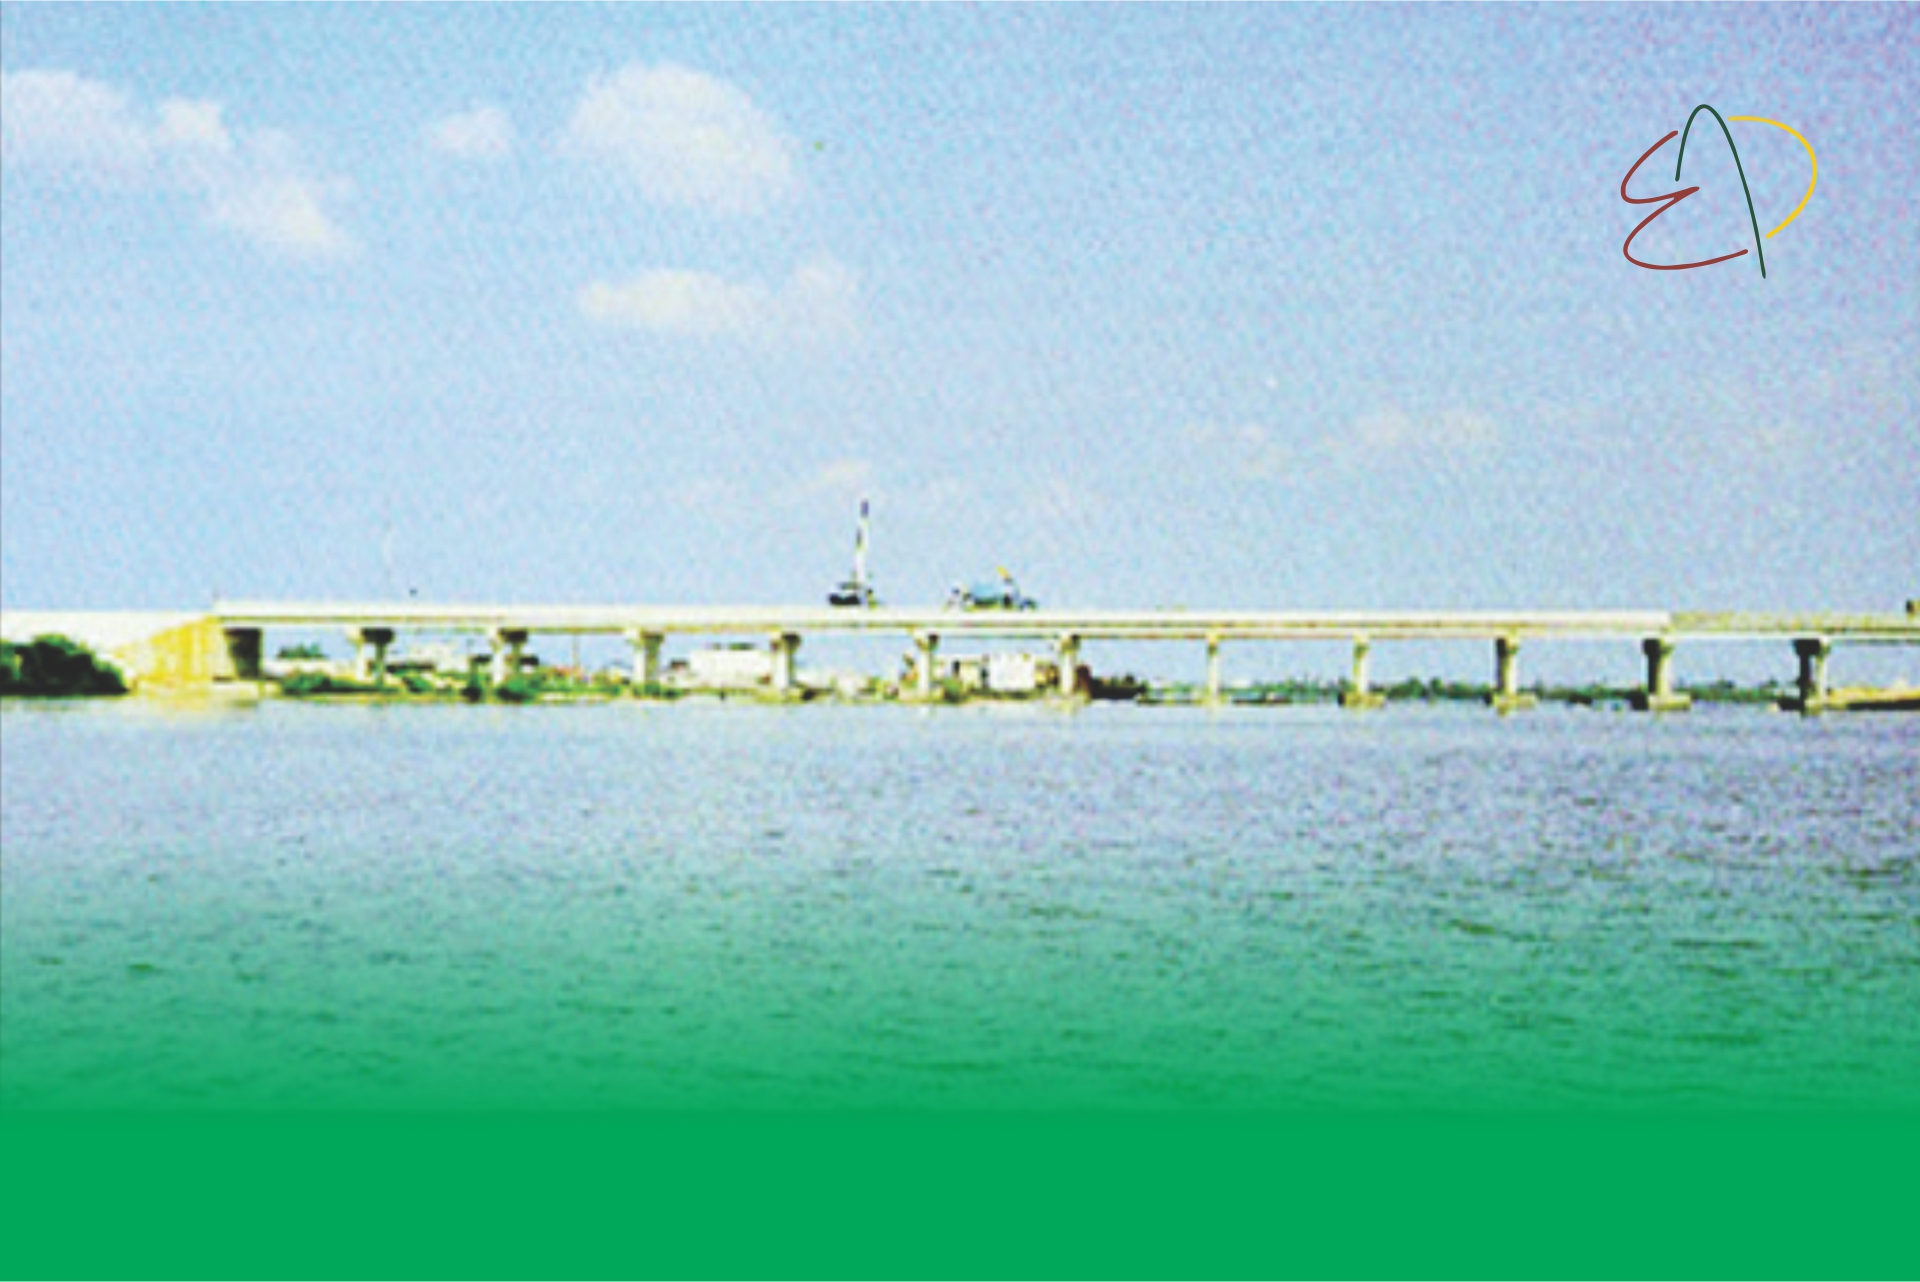 Abam-Ama-George-Ama Bridge